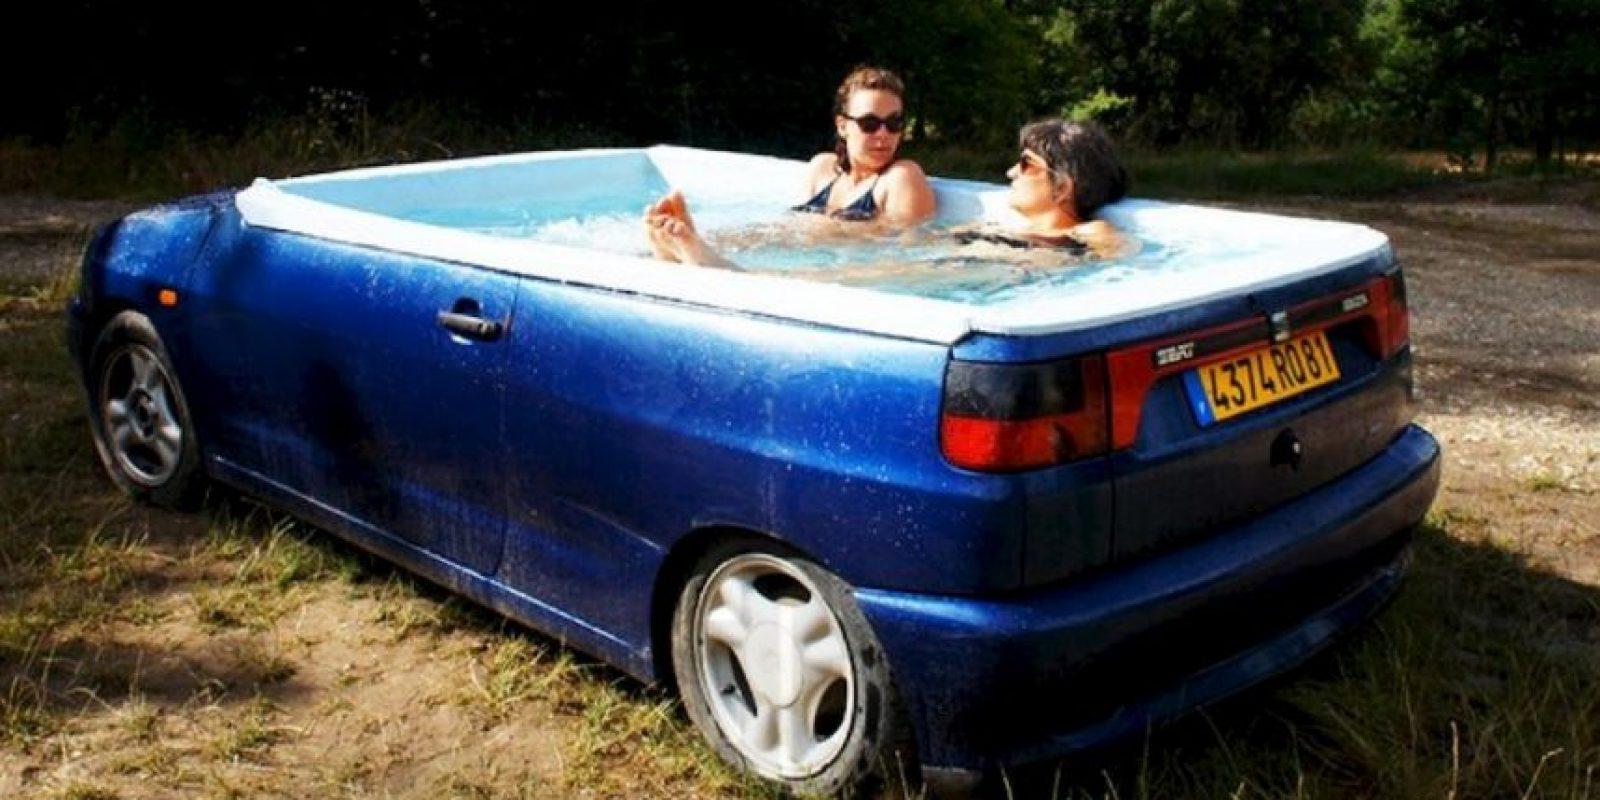 El artista francés Benedetto Bufalino transformó un Seat Ibiza viejo en un jacuzzi Foto:benedettobufalino.com